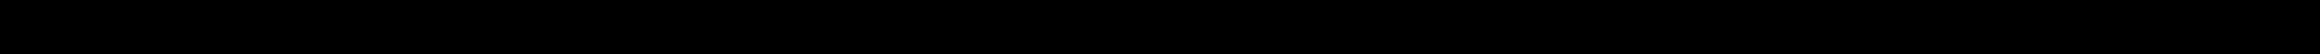 PHILIPS 0233304-5, 18-ZZ0233304-5, E400148, X825 107 045 000, 14145090 Kvēlspuldze, Tālās gaismas lukturis